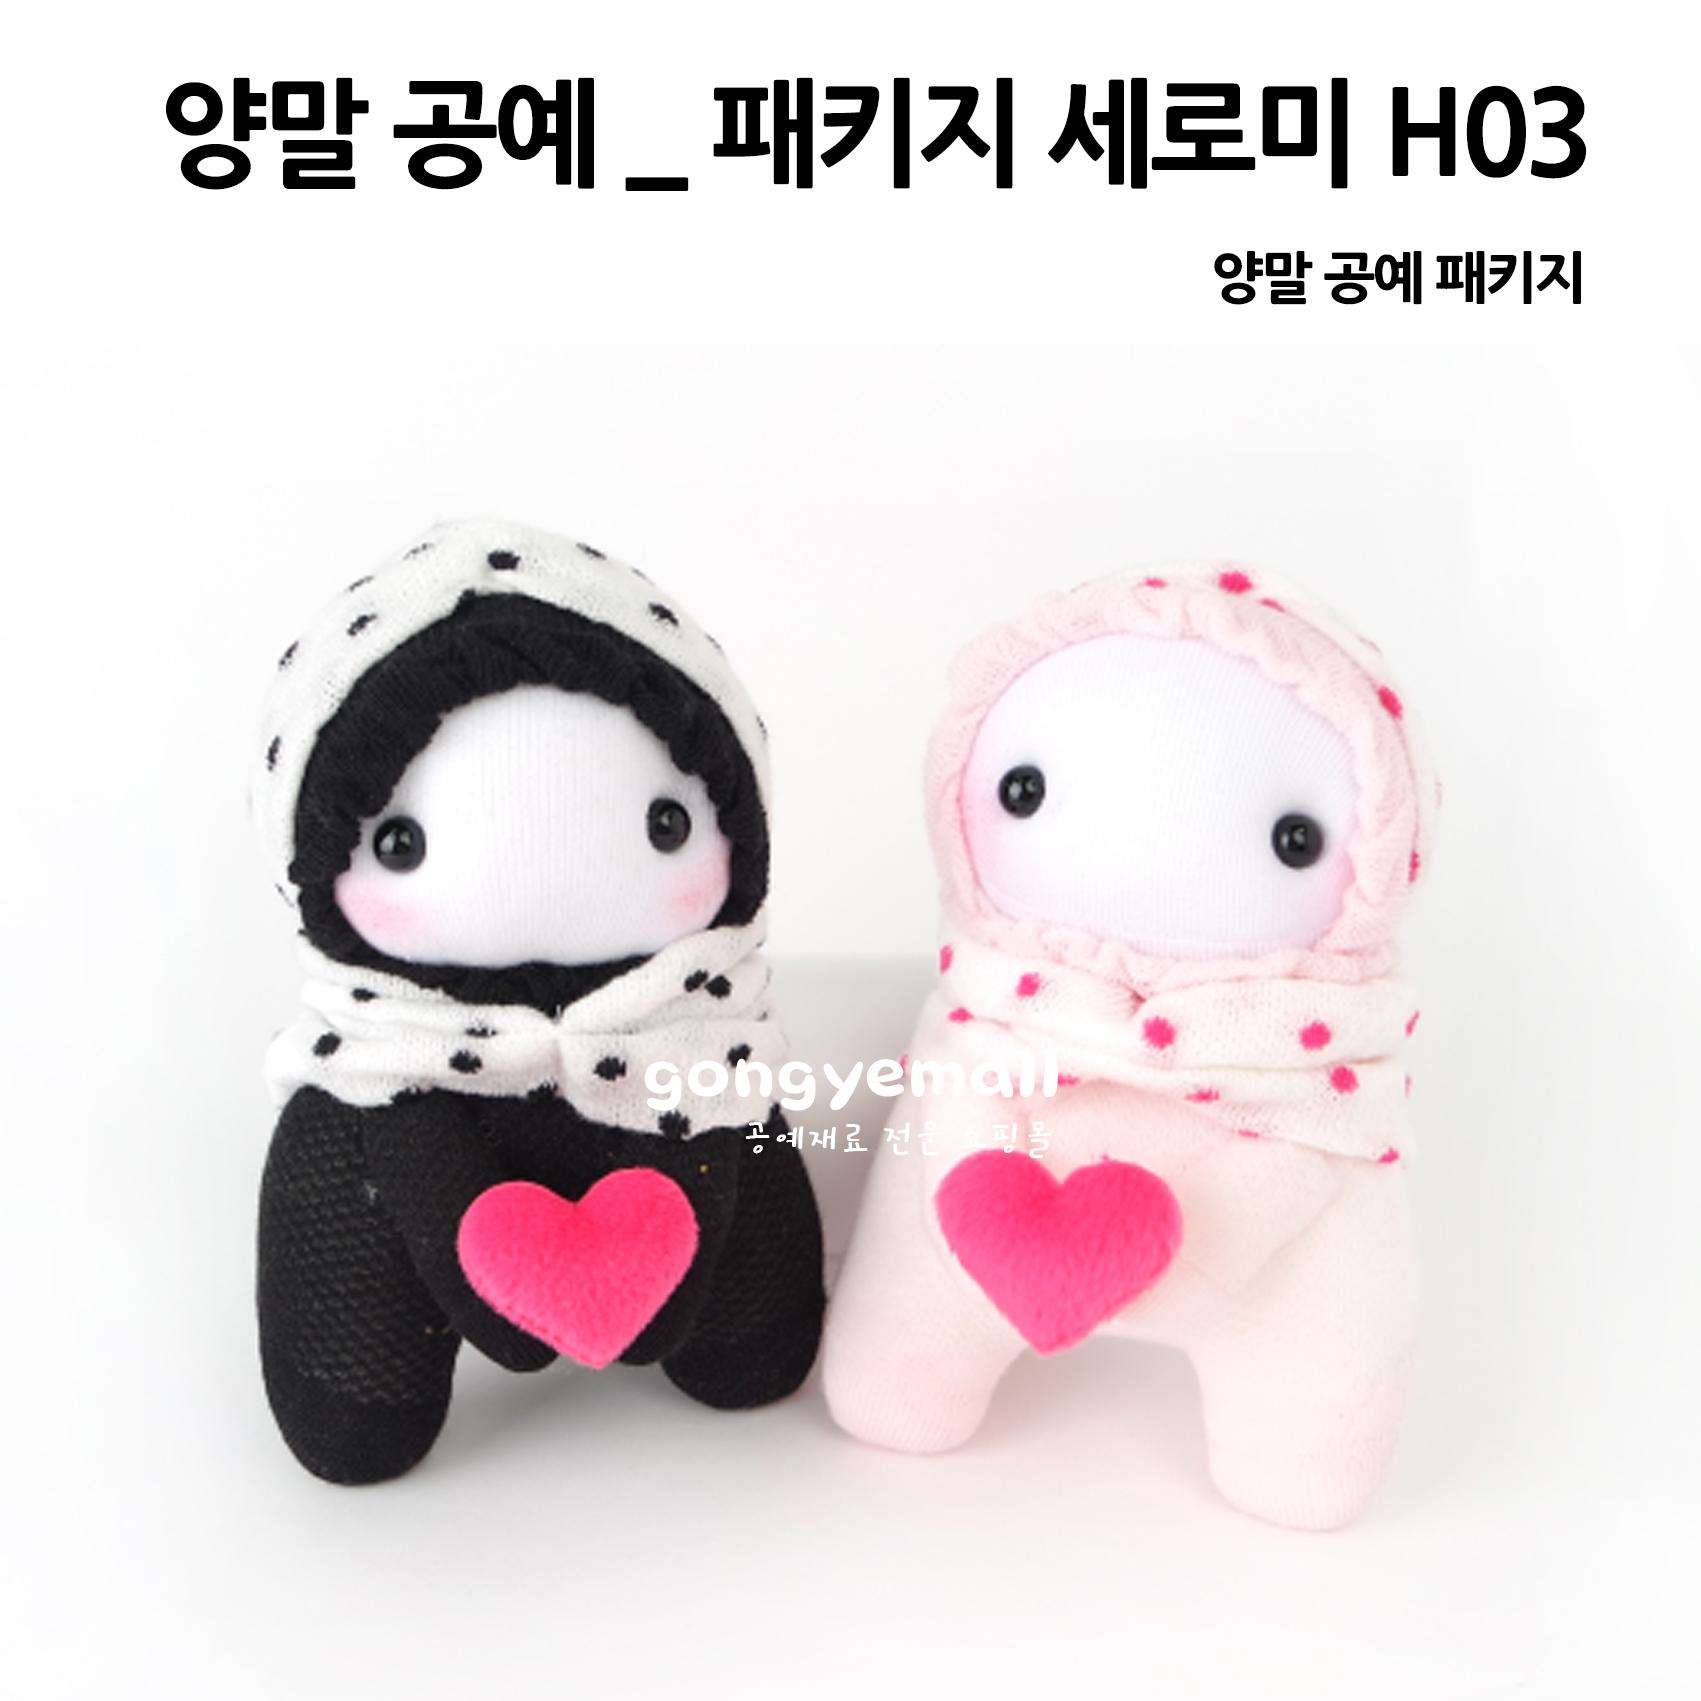 [양말공예]양말 DIY 패키지 세로미 H03